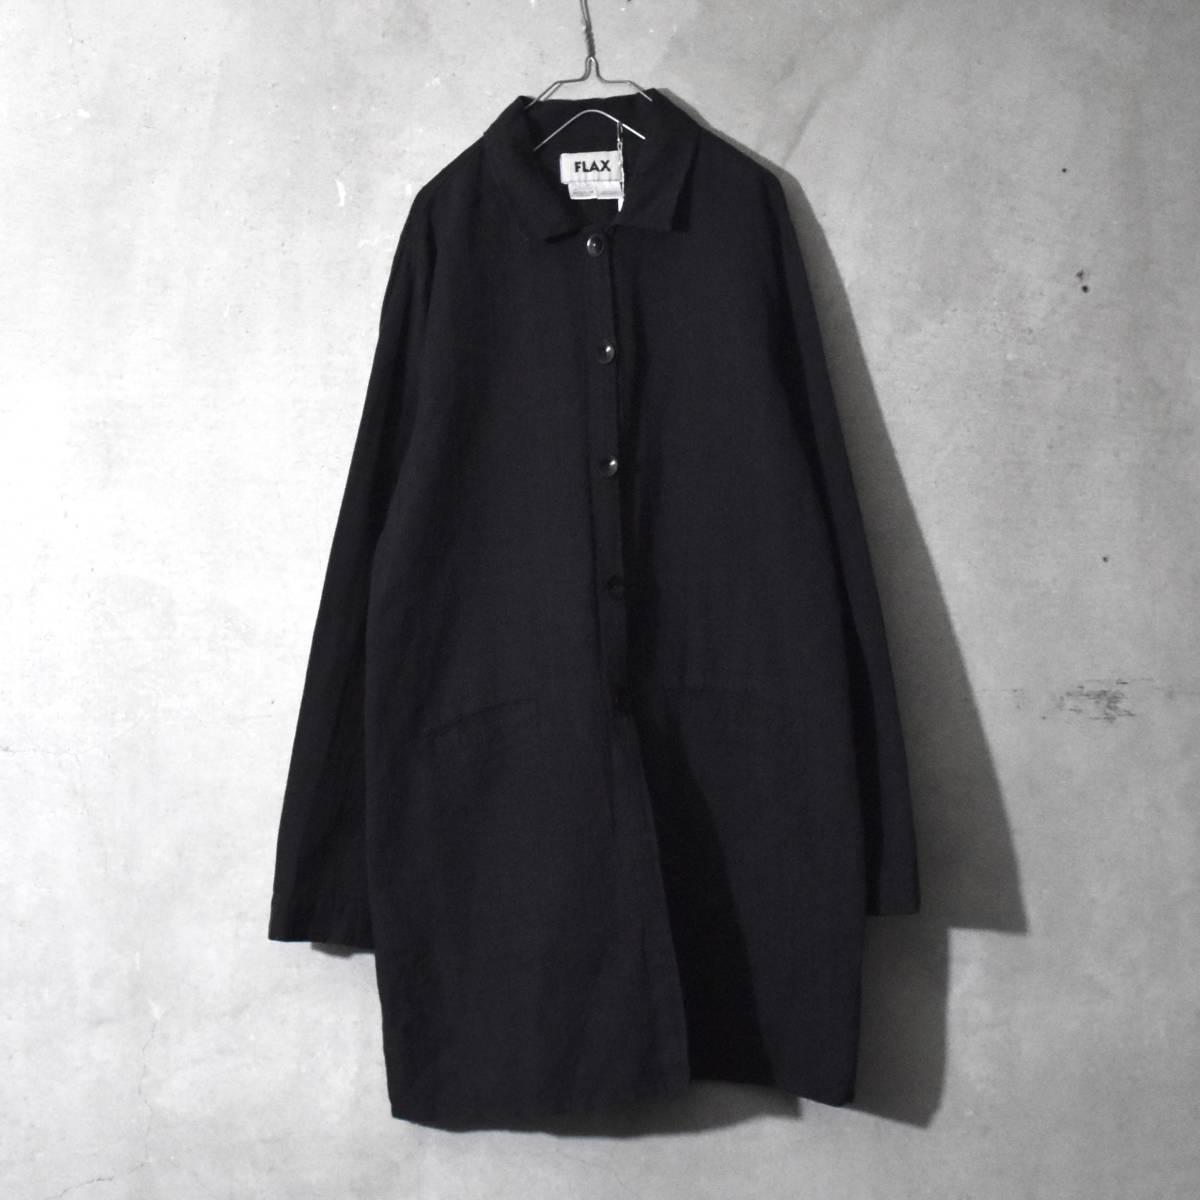 ★美品★ FLAX フラックス ストライプ ロングシャツ 黒 Mサイズ リネン